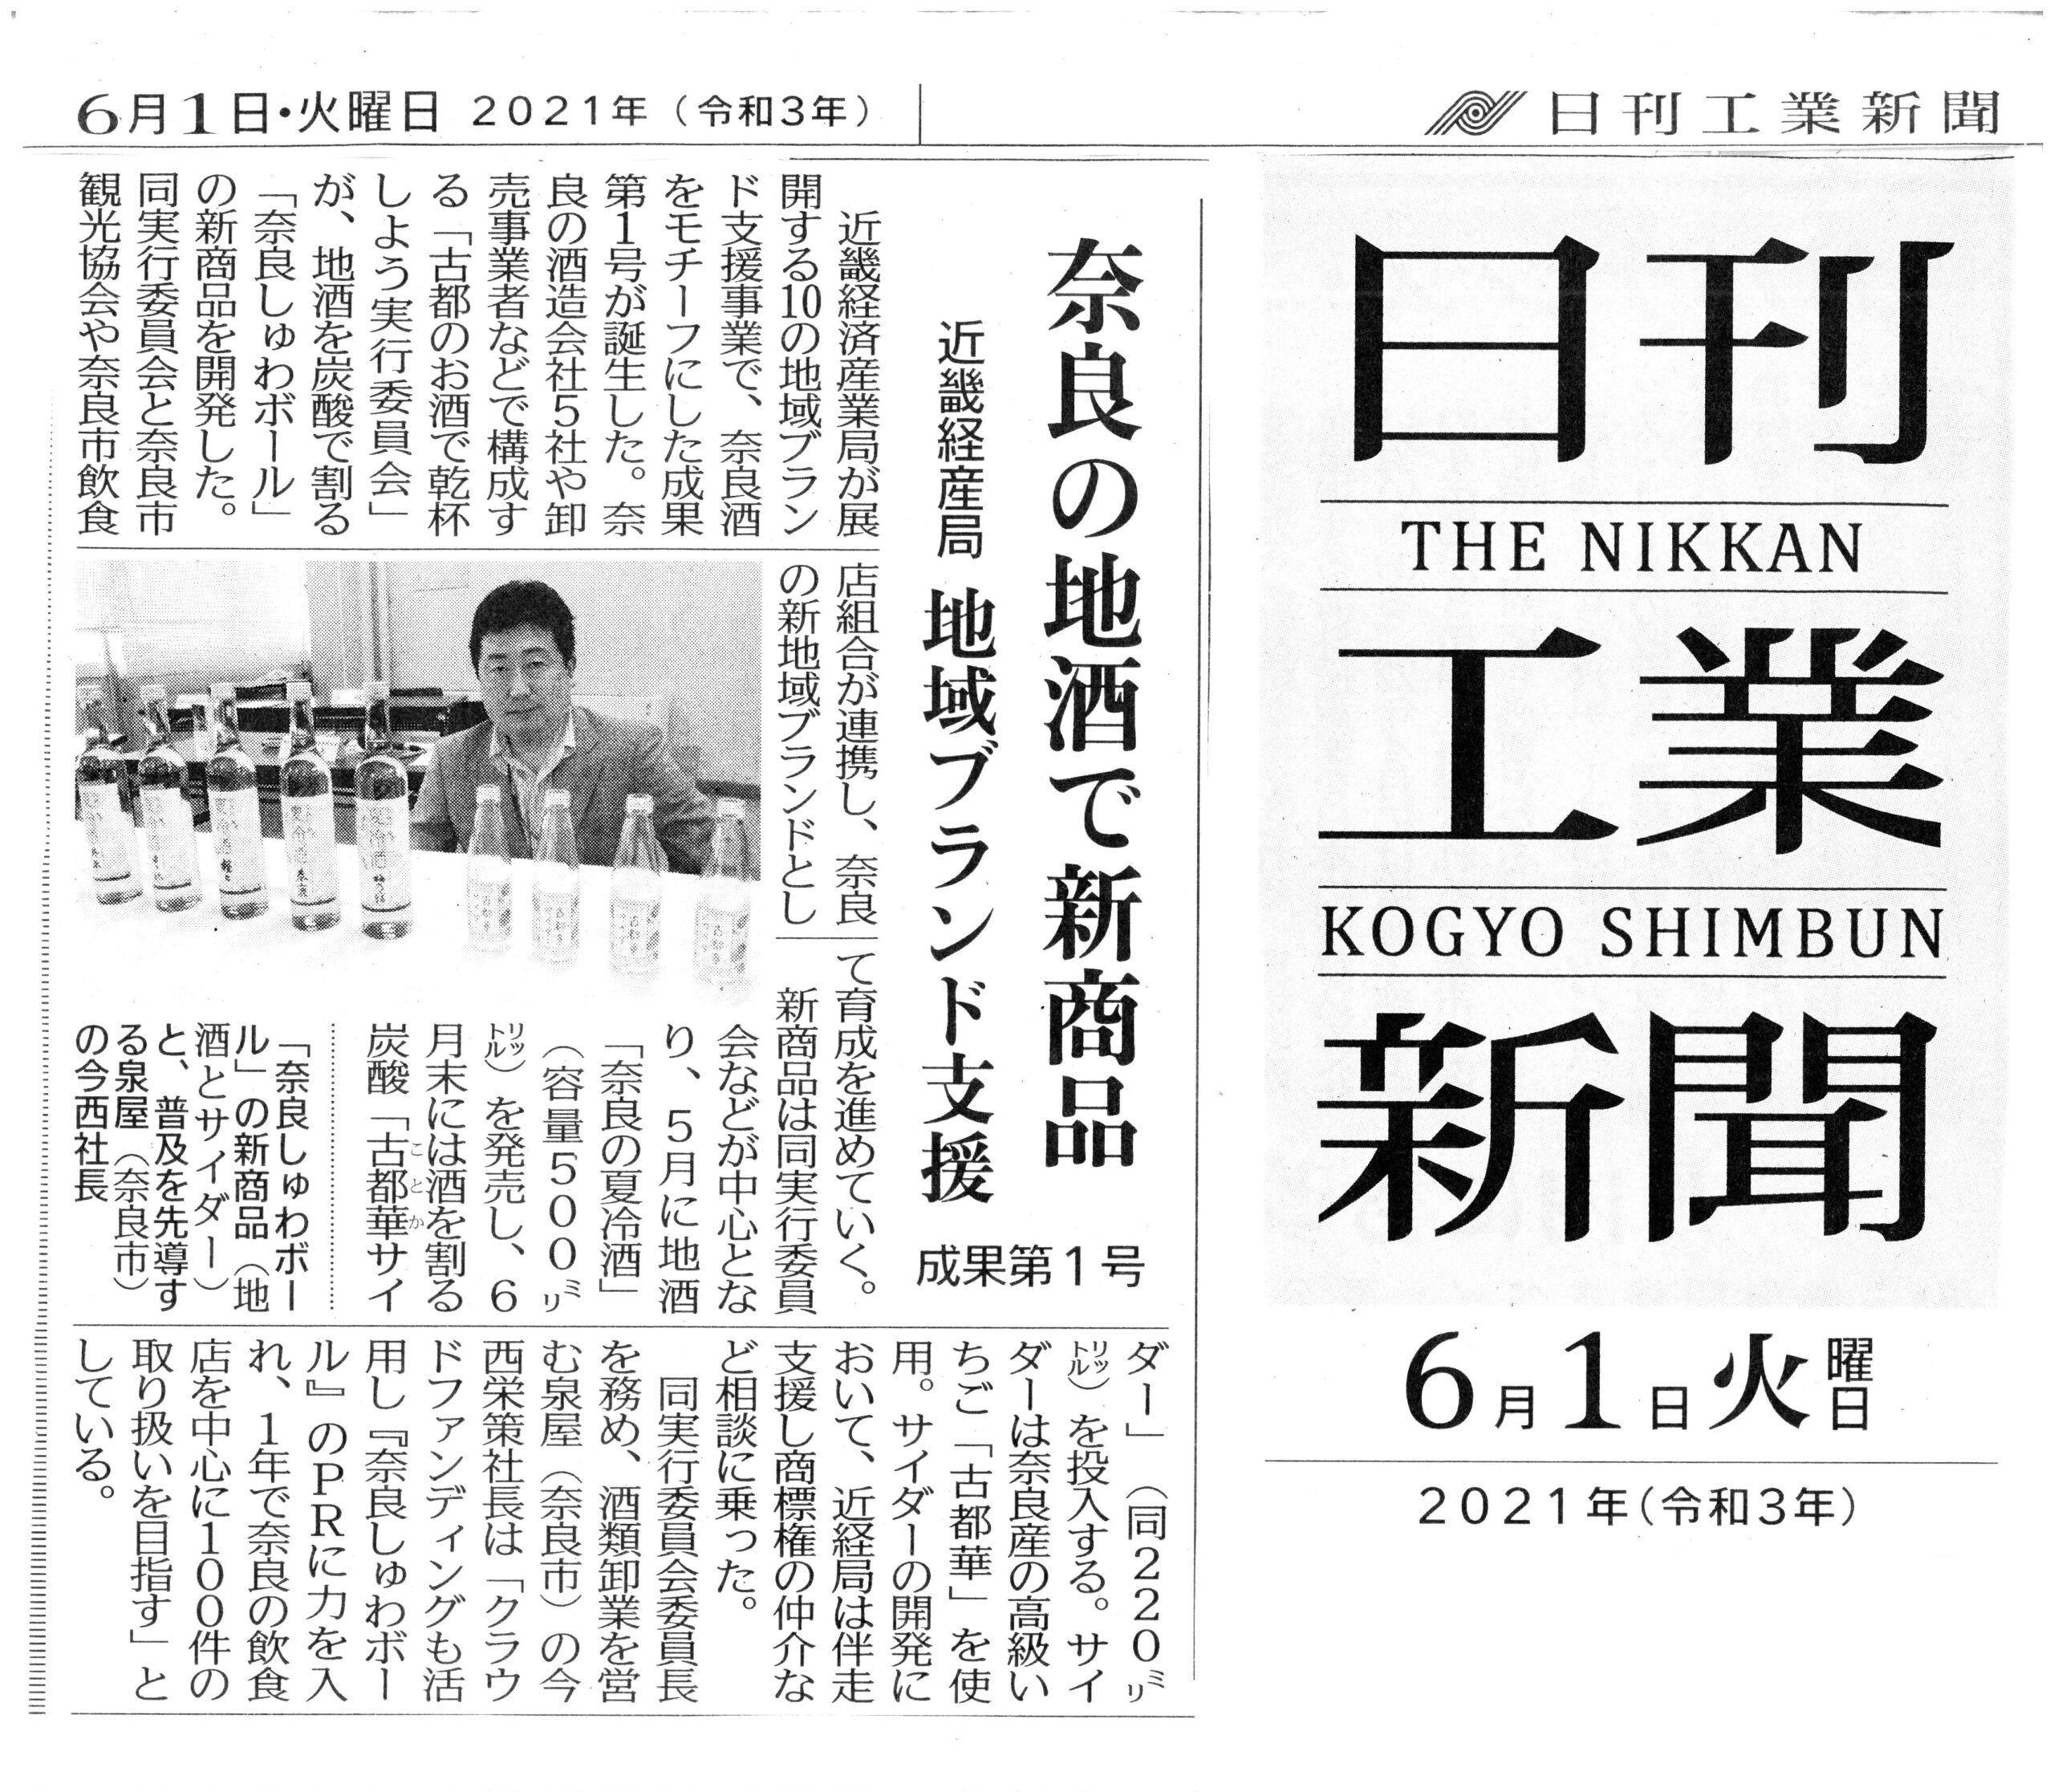 日刊工業新聞で『古都華サイダー』と『奈良しゅわボール』が紹介されました!